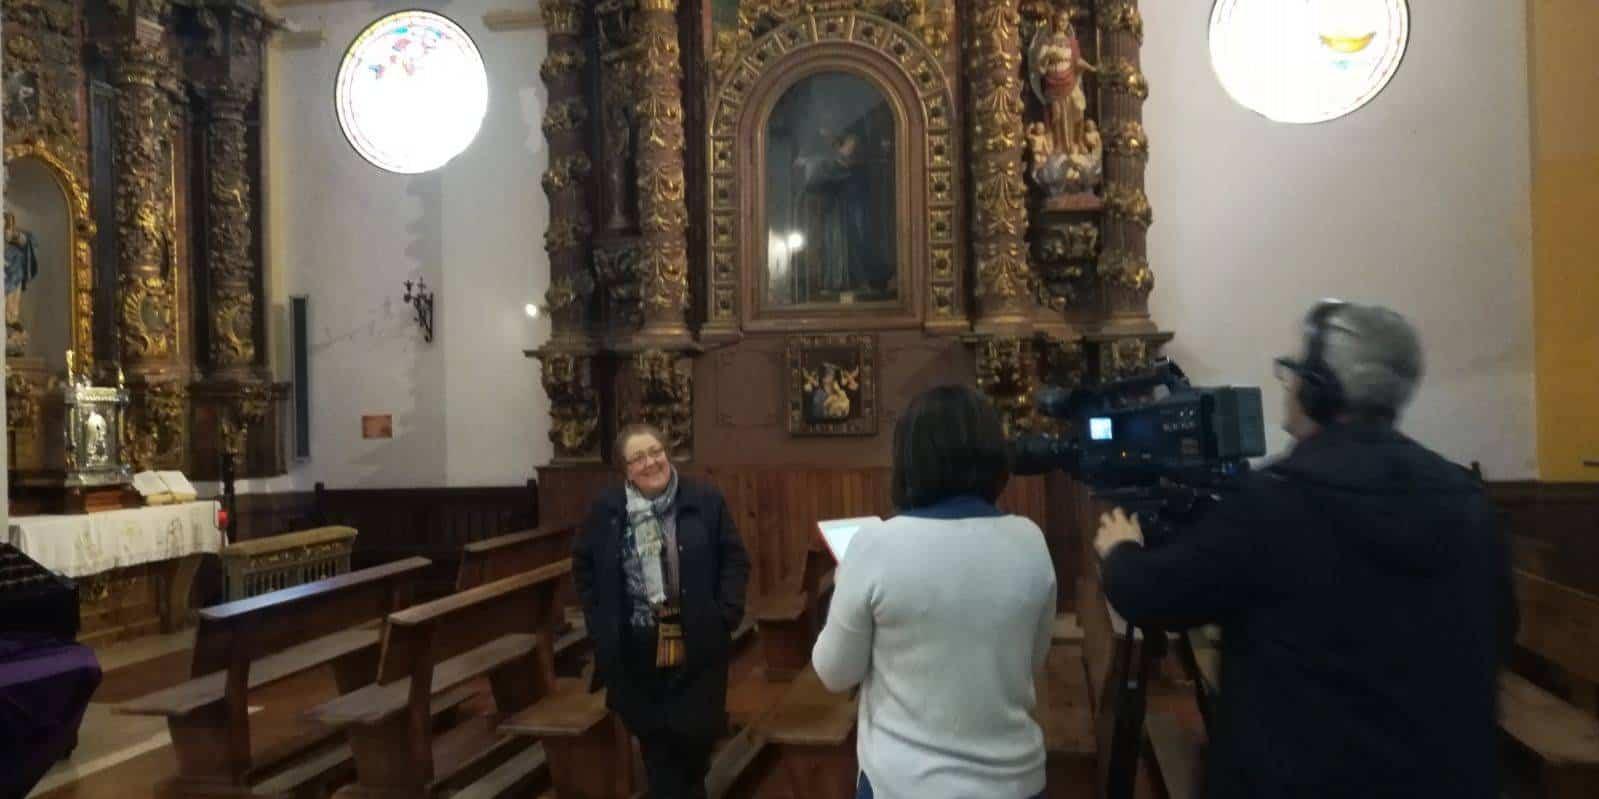 """mancha centro television en la parroquia de herencia2 - Vídeo del programa """"Iglesia en camino"""" sobre la parroquia de Herencia"""